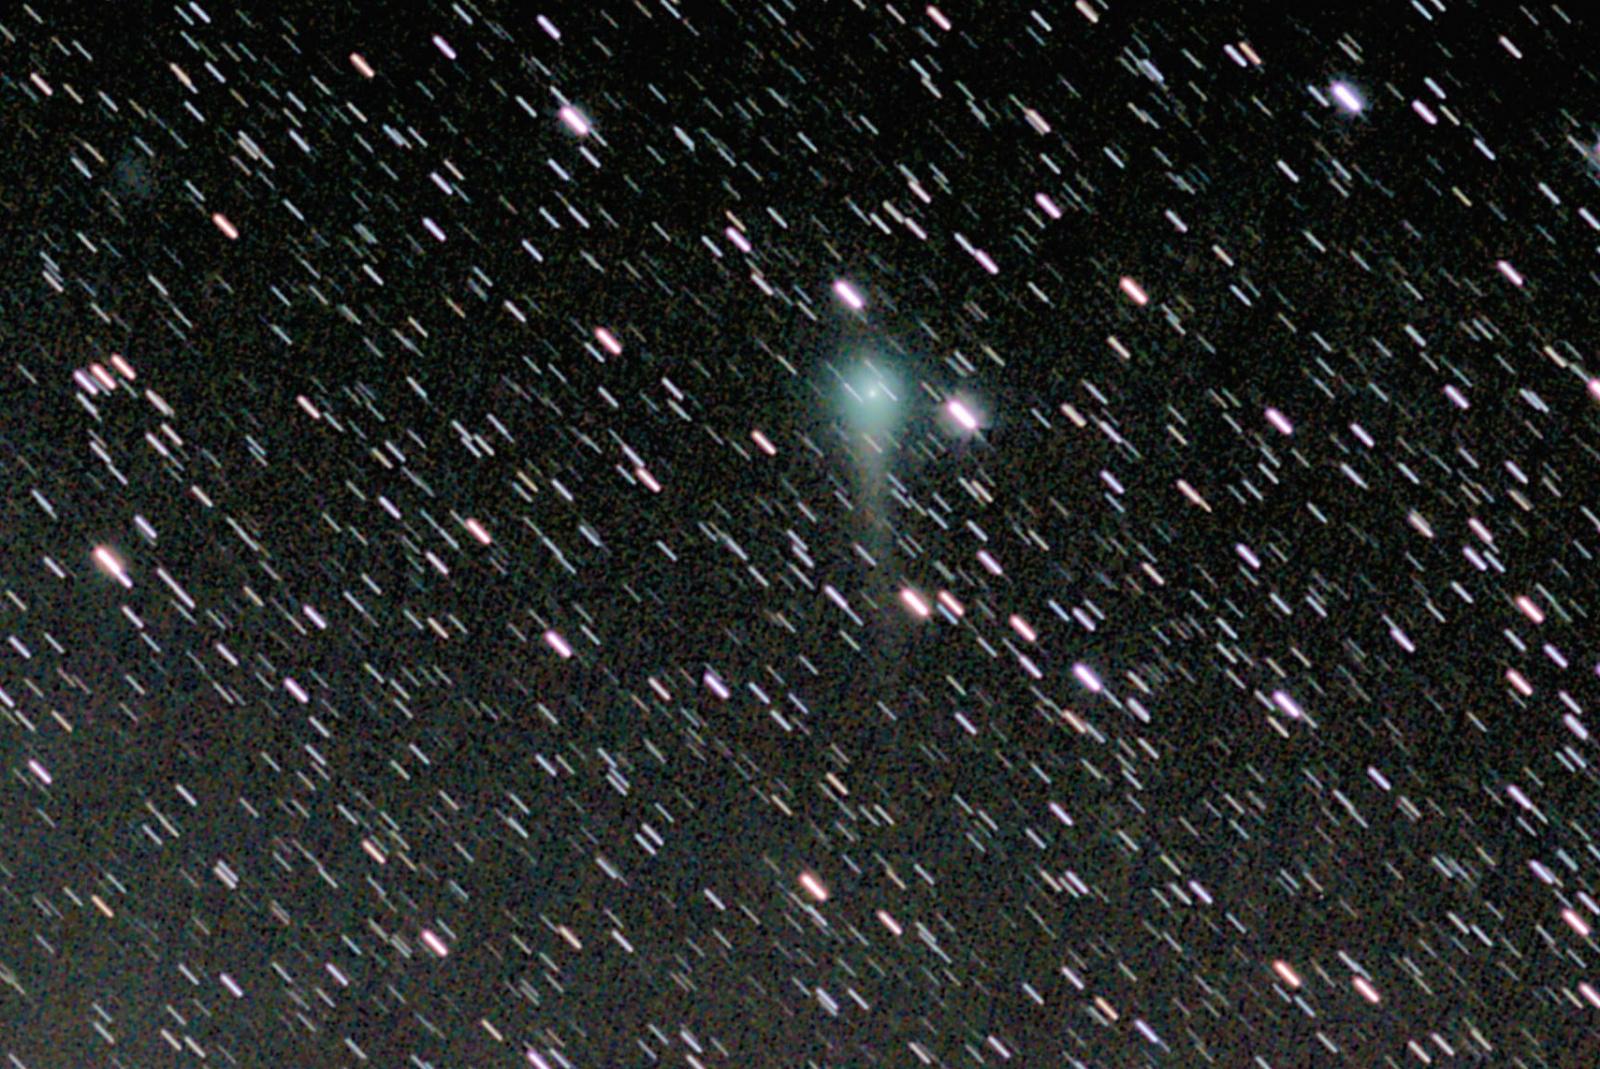 Kometa C2017 T2 Panstarrs 20200519 na kometę pop crop.jpg